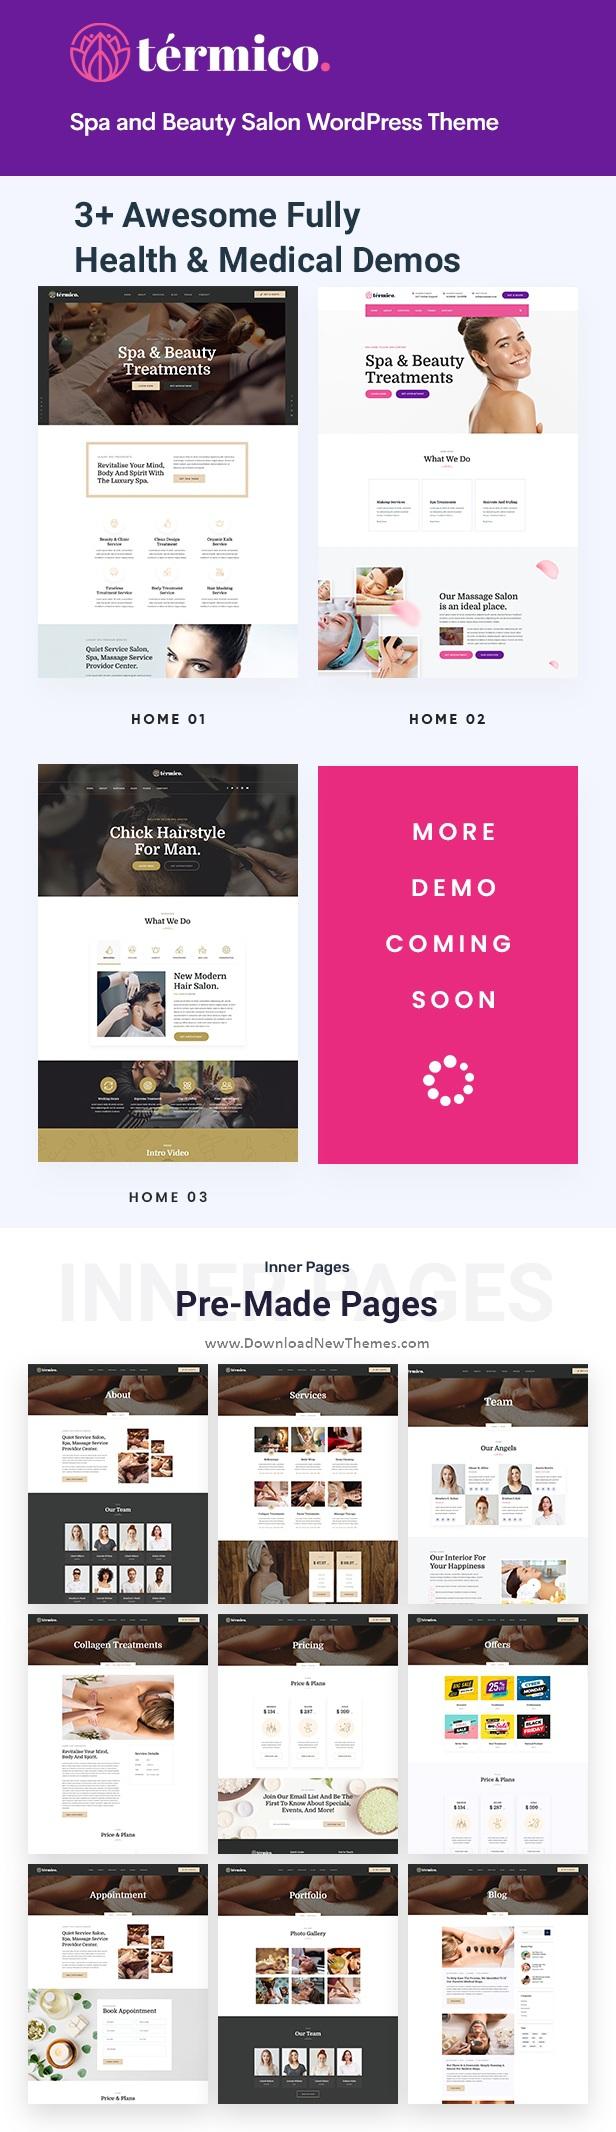 Spa and Beauty Salon WordPress Theme